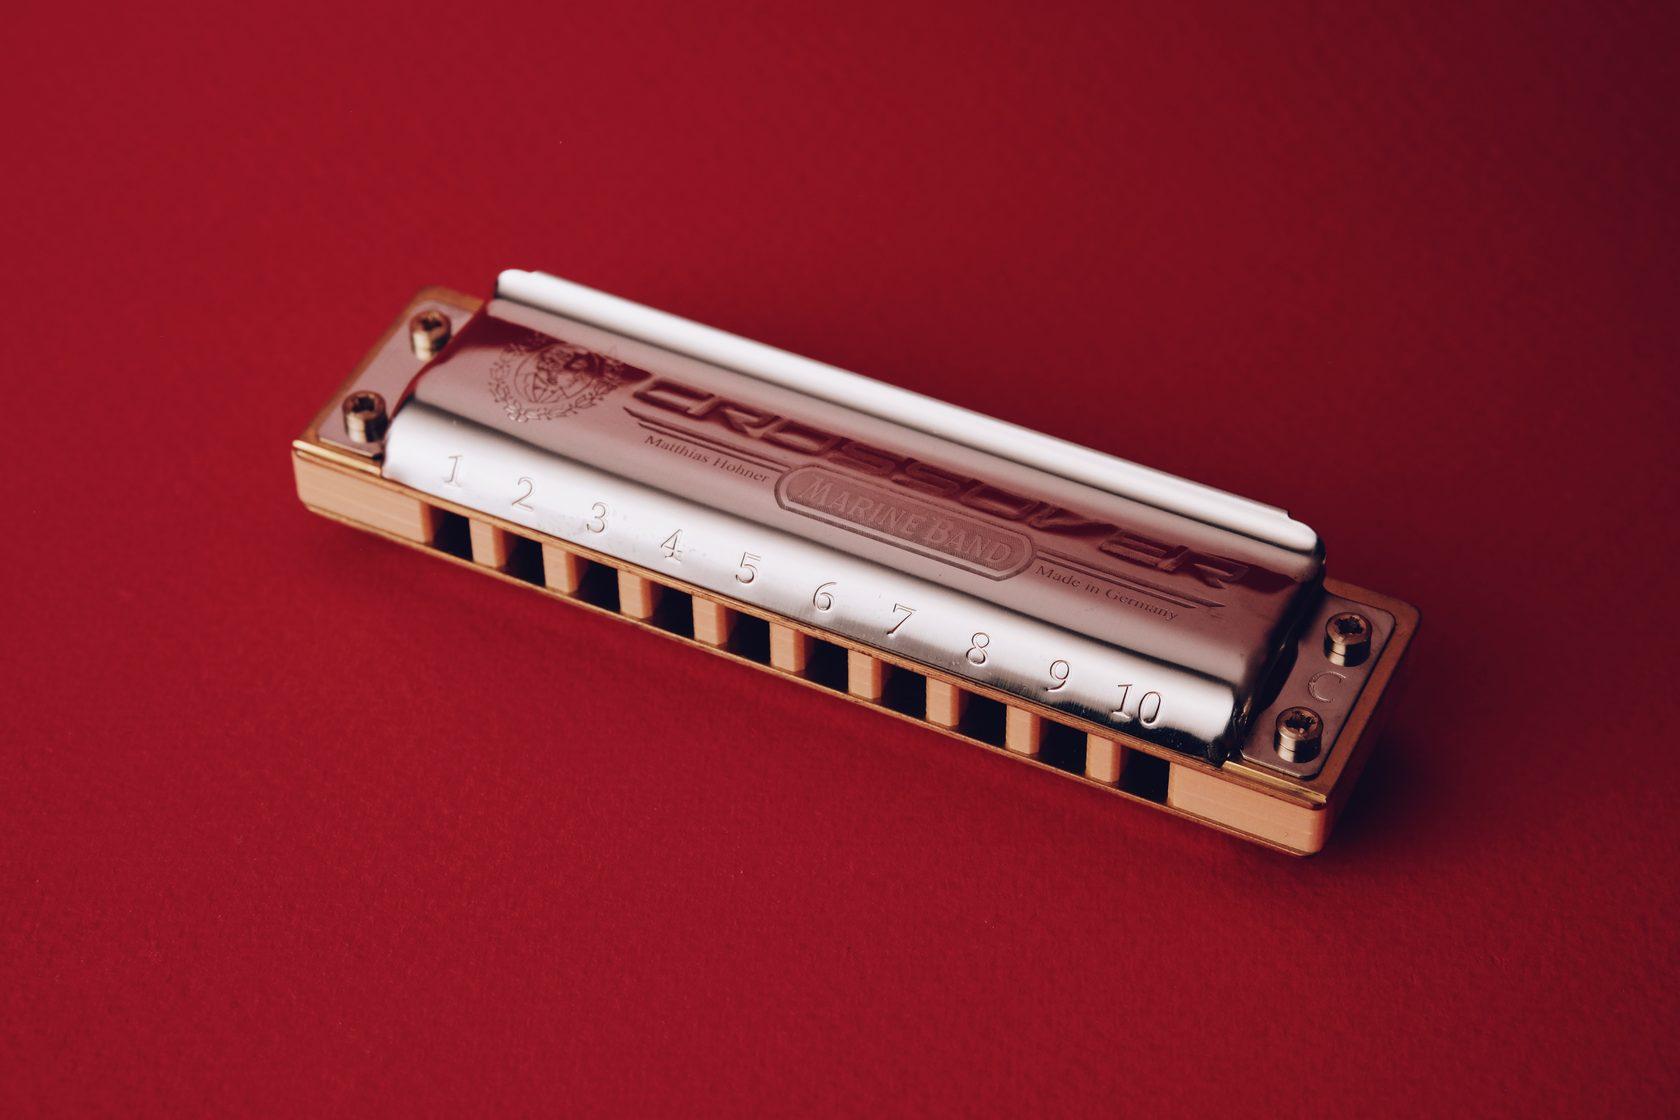 Губная гармоника Hohner Marine Crossover, губная гармошка, диалогическая гармоника, harmonica, harp, купить в магазине Ukelovers